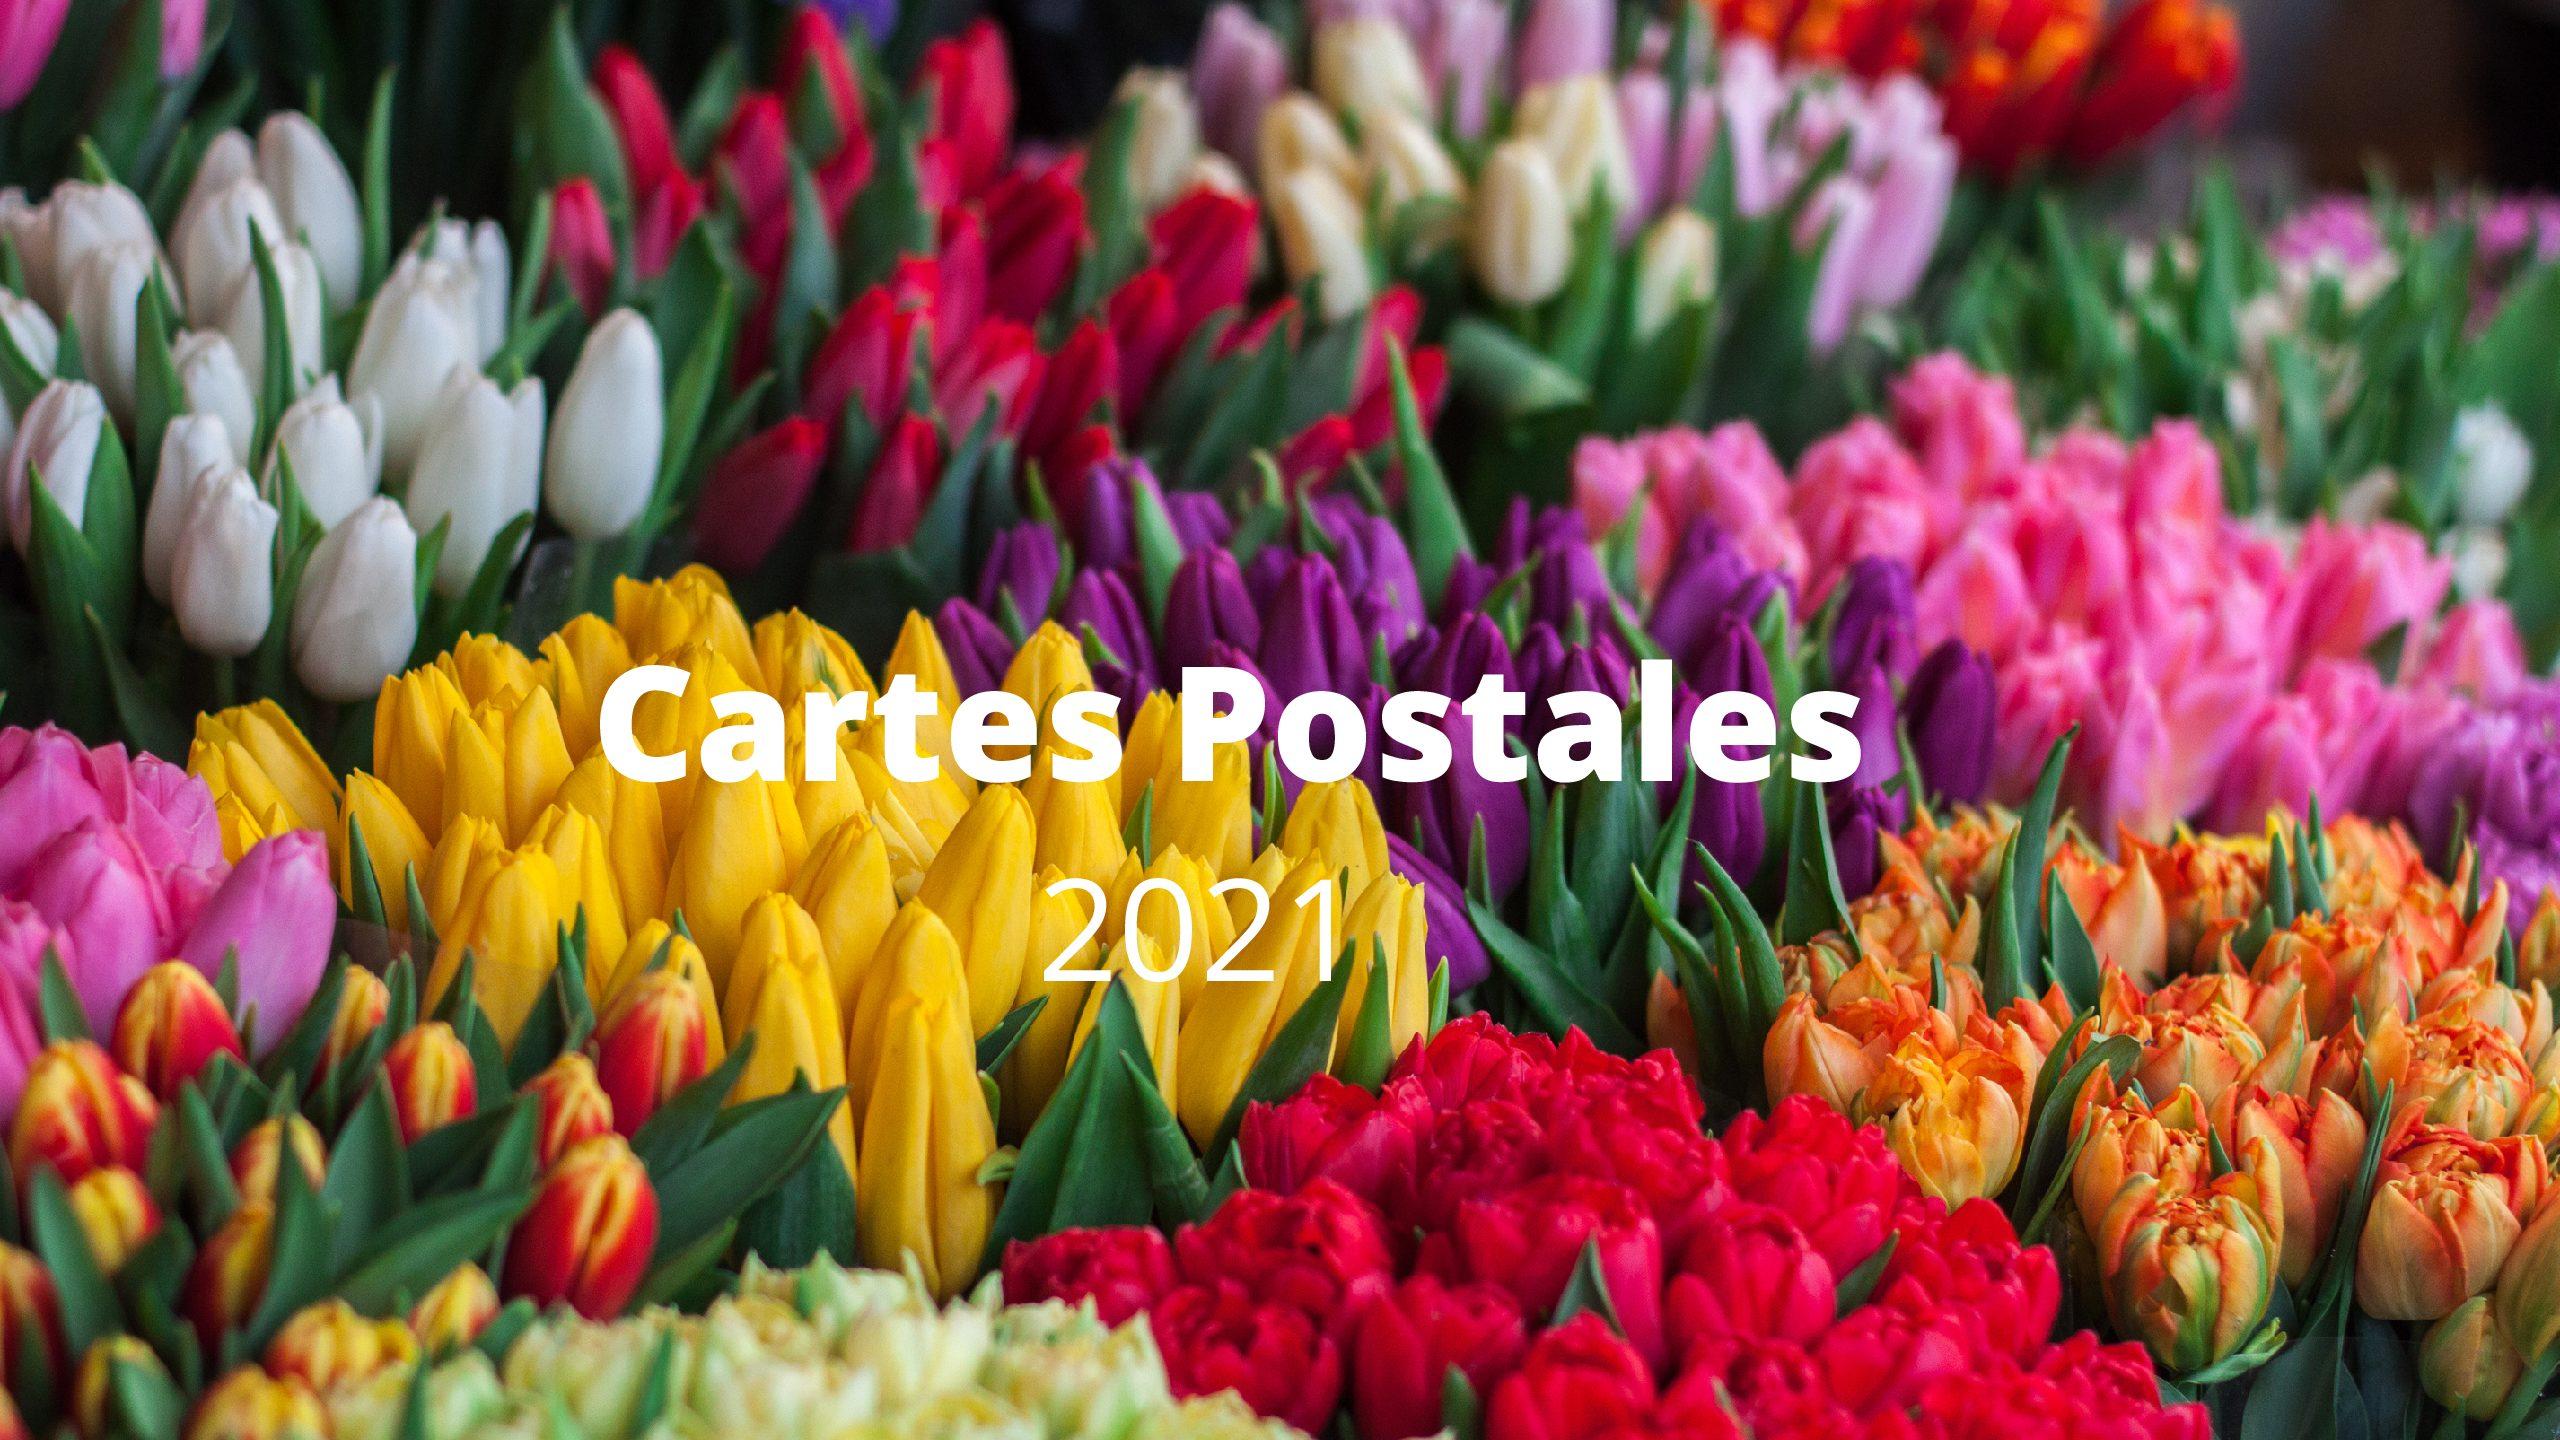 Finale des Cartes Postales 2021 : Laquelle préférez-vous?